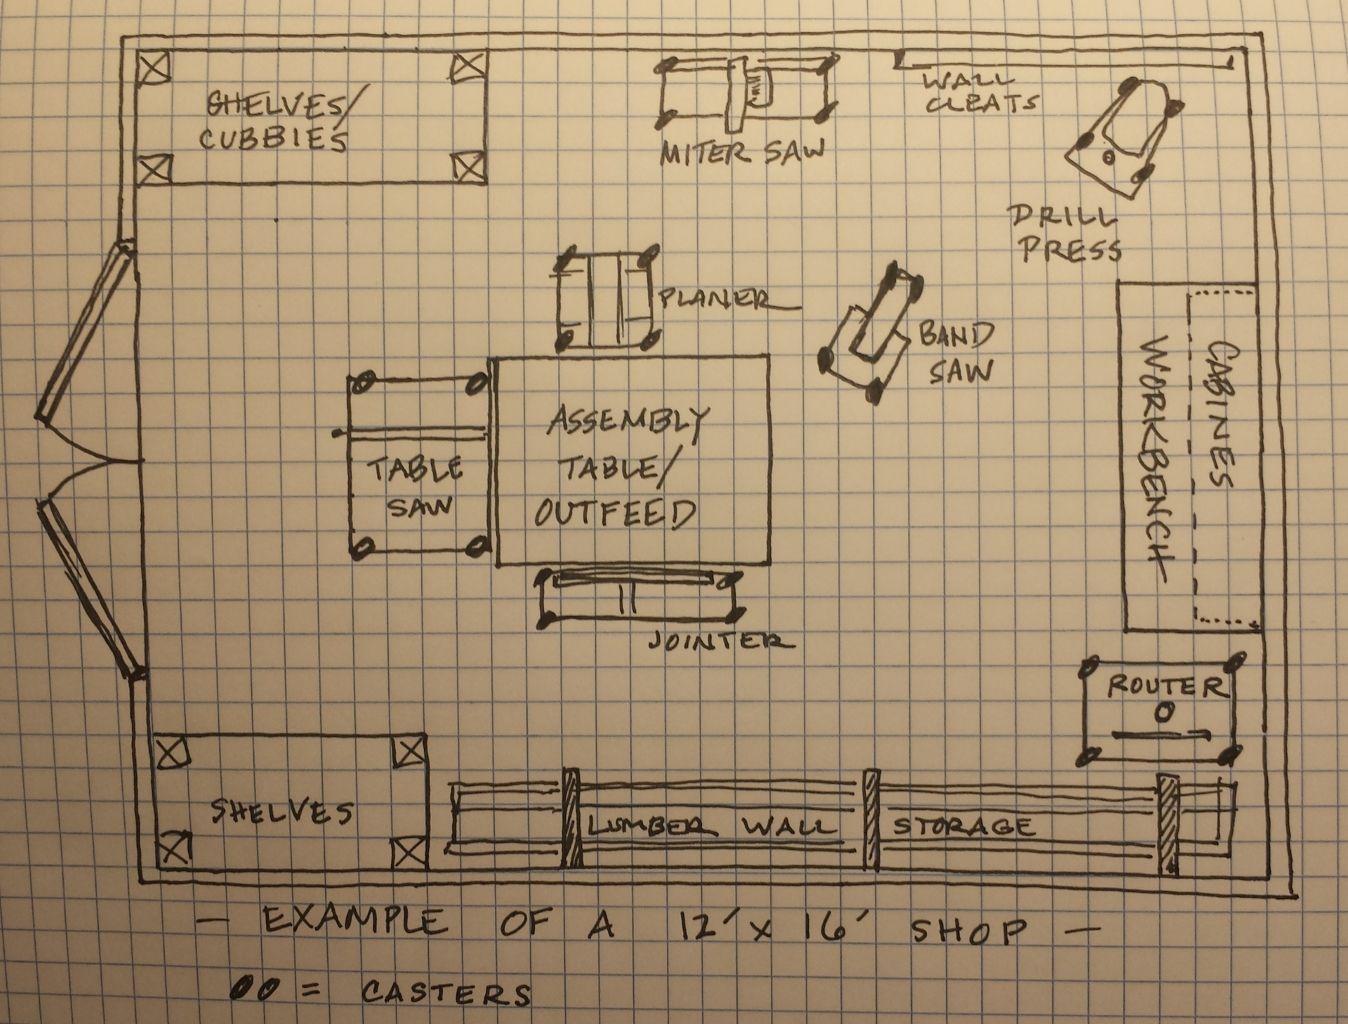 12 x 16 wood shop layout google search [ 1348 x 1024 Pixel ]